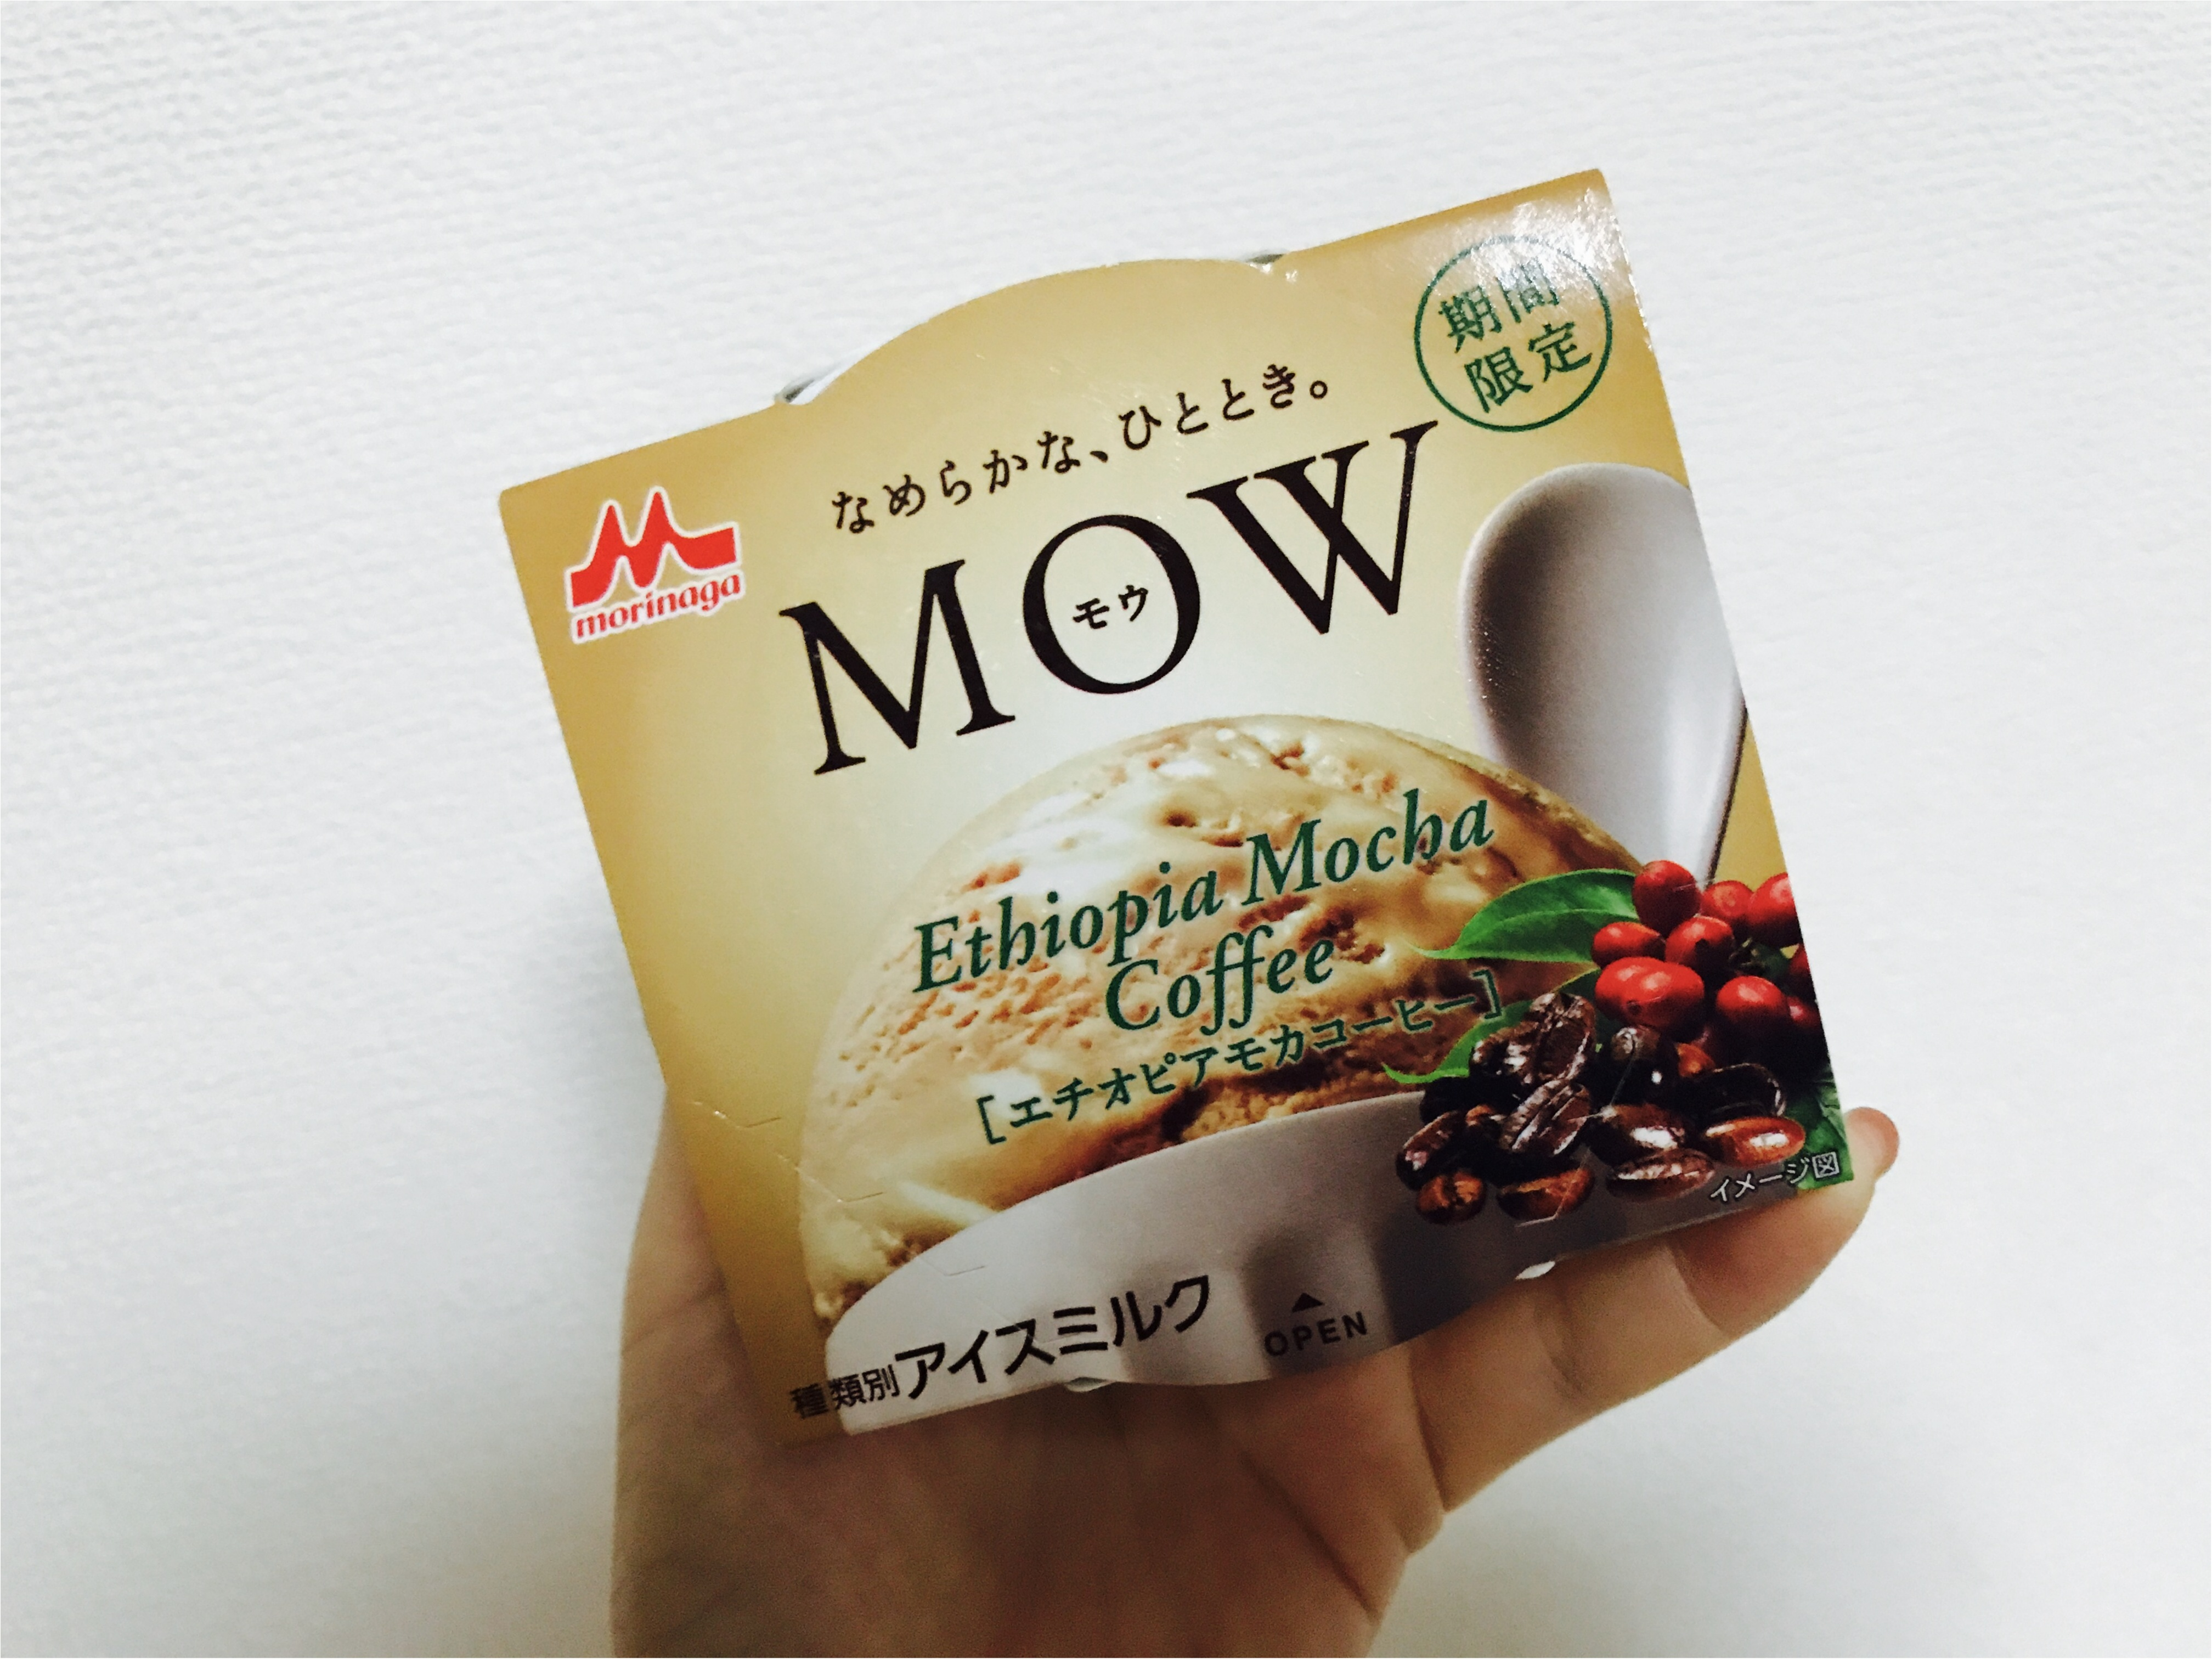 【アイス】MOW(モウ)シリーズからエチオピアモカコーヒー味★新登場!_4